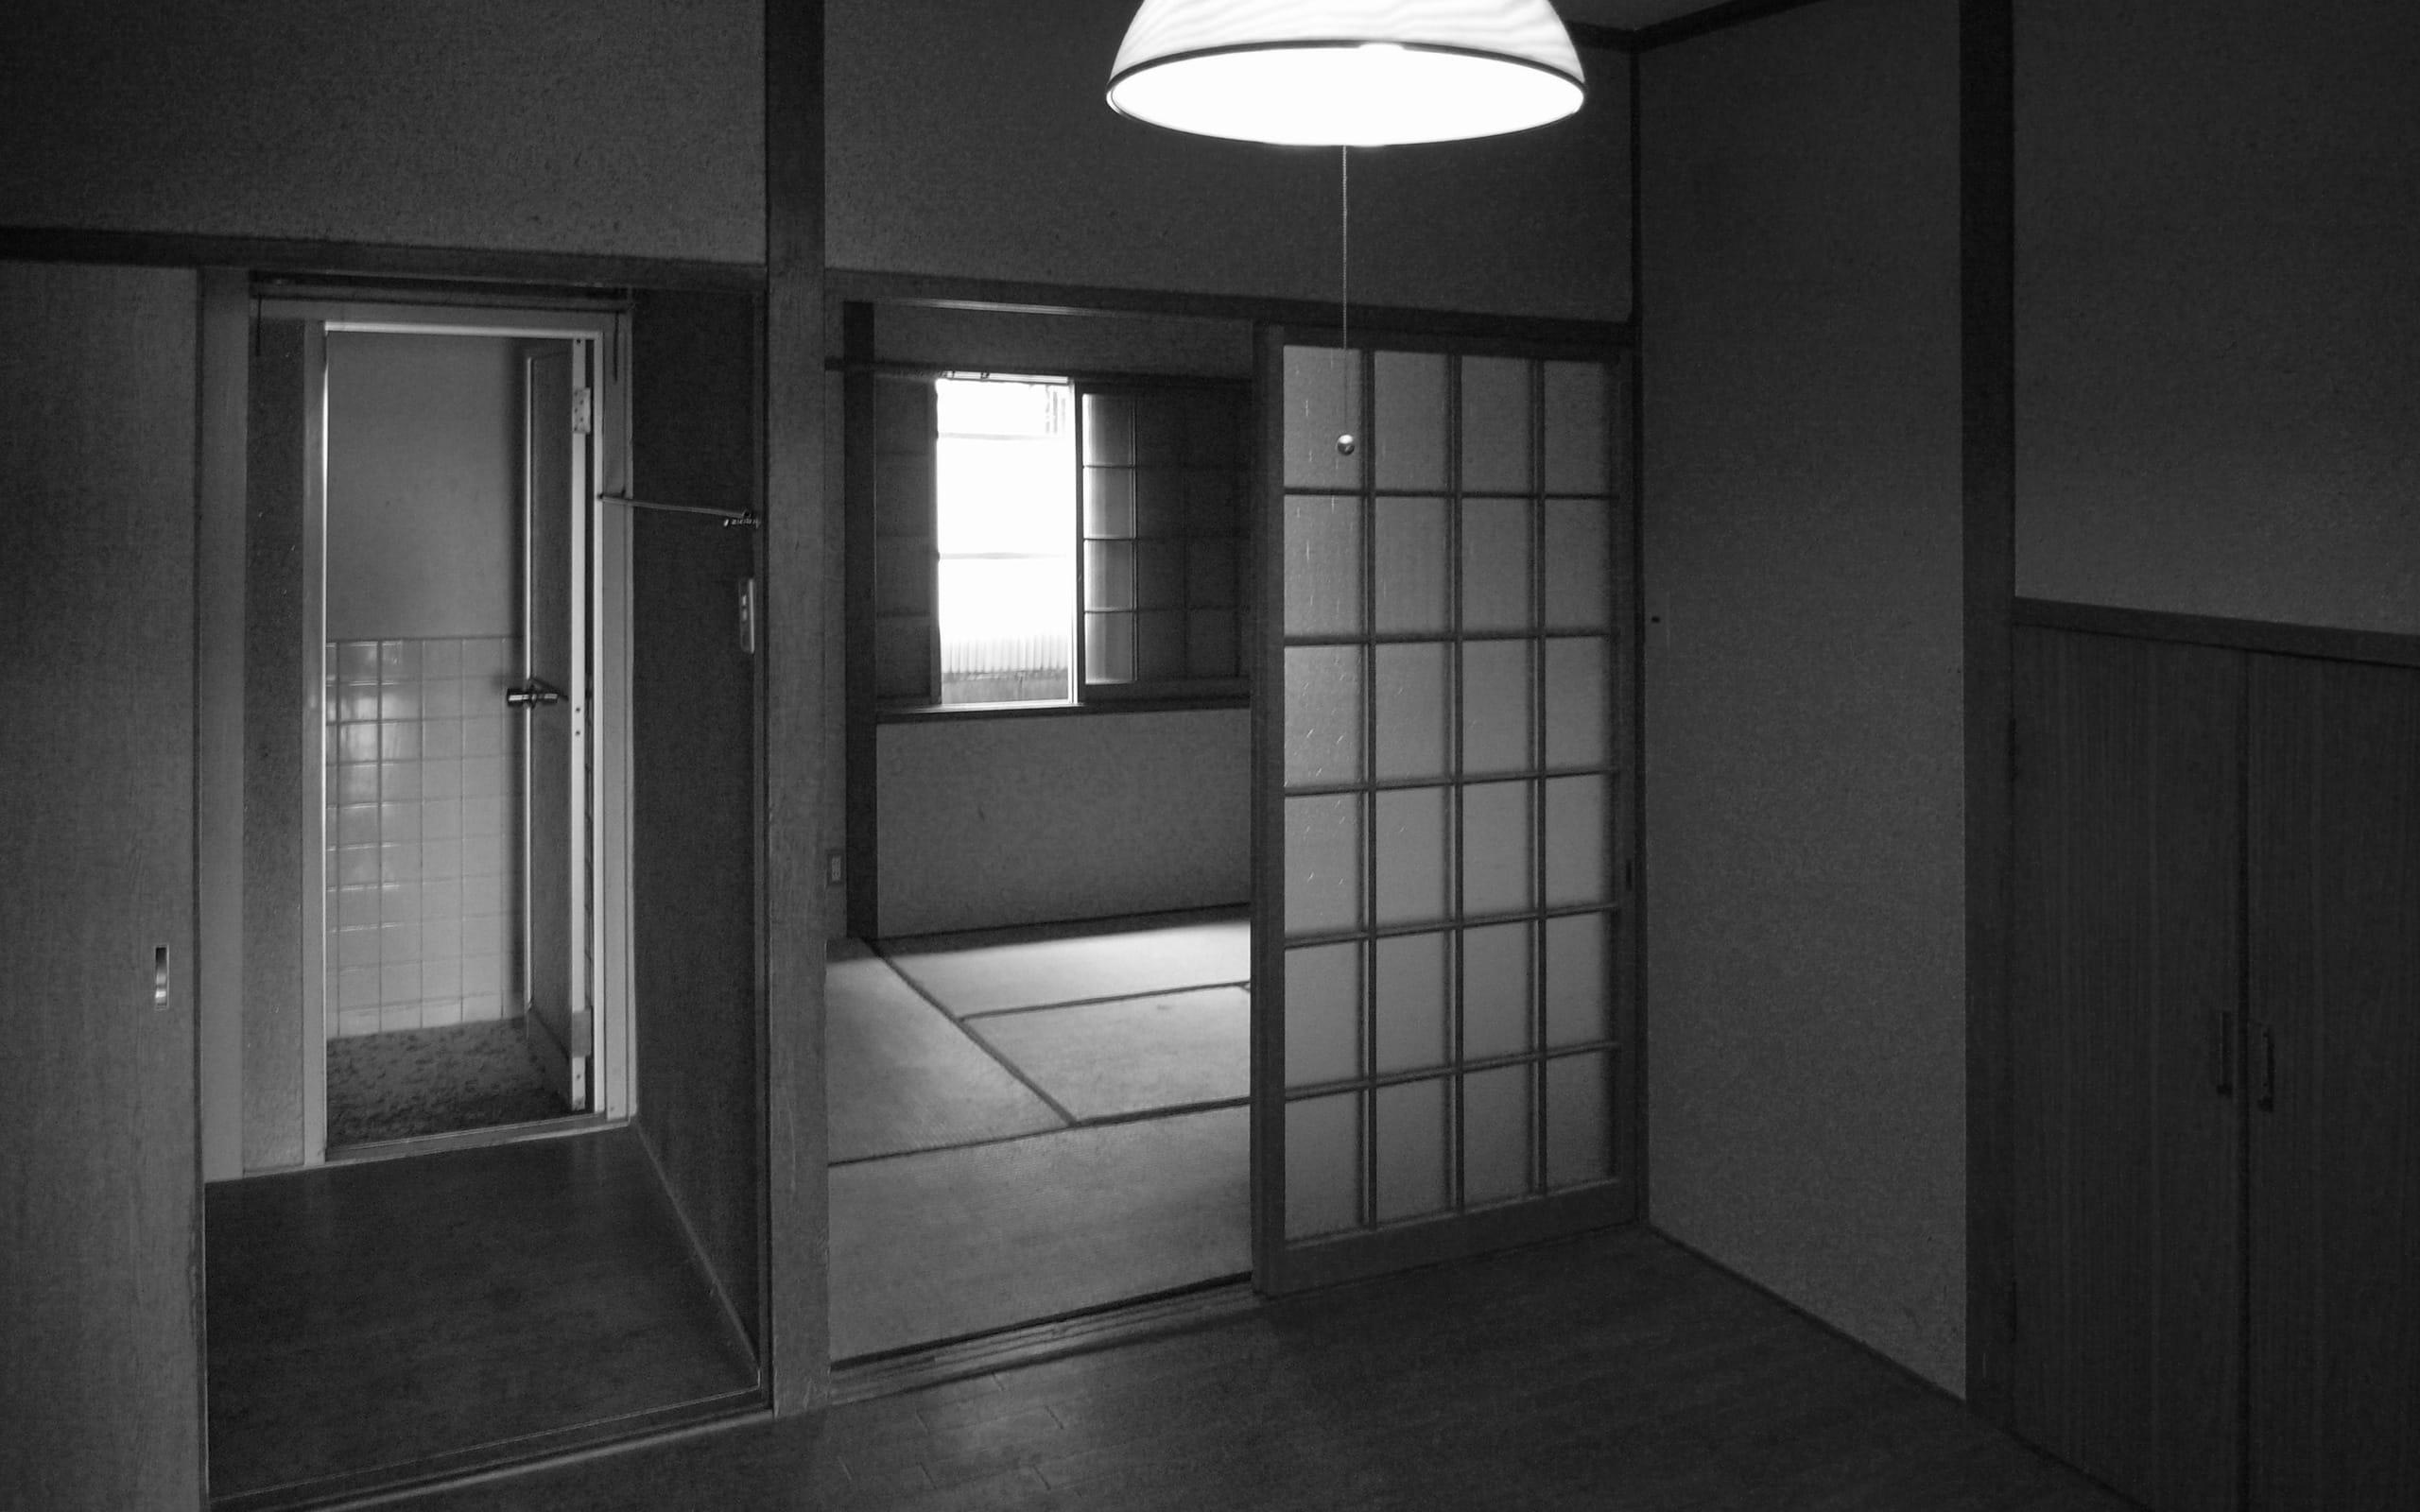 桜を眺める築40年の戸建住宅再生の改修前2